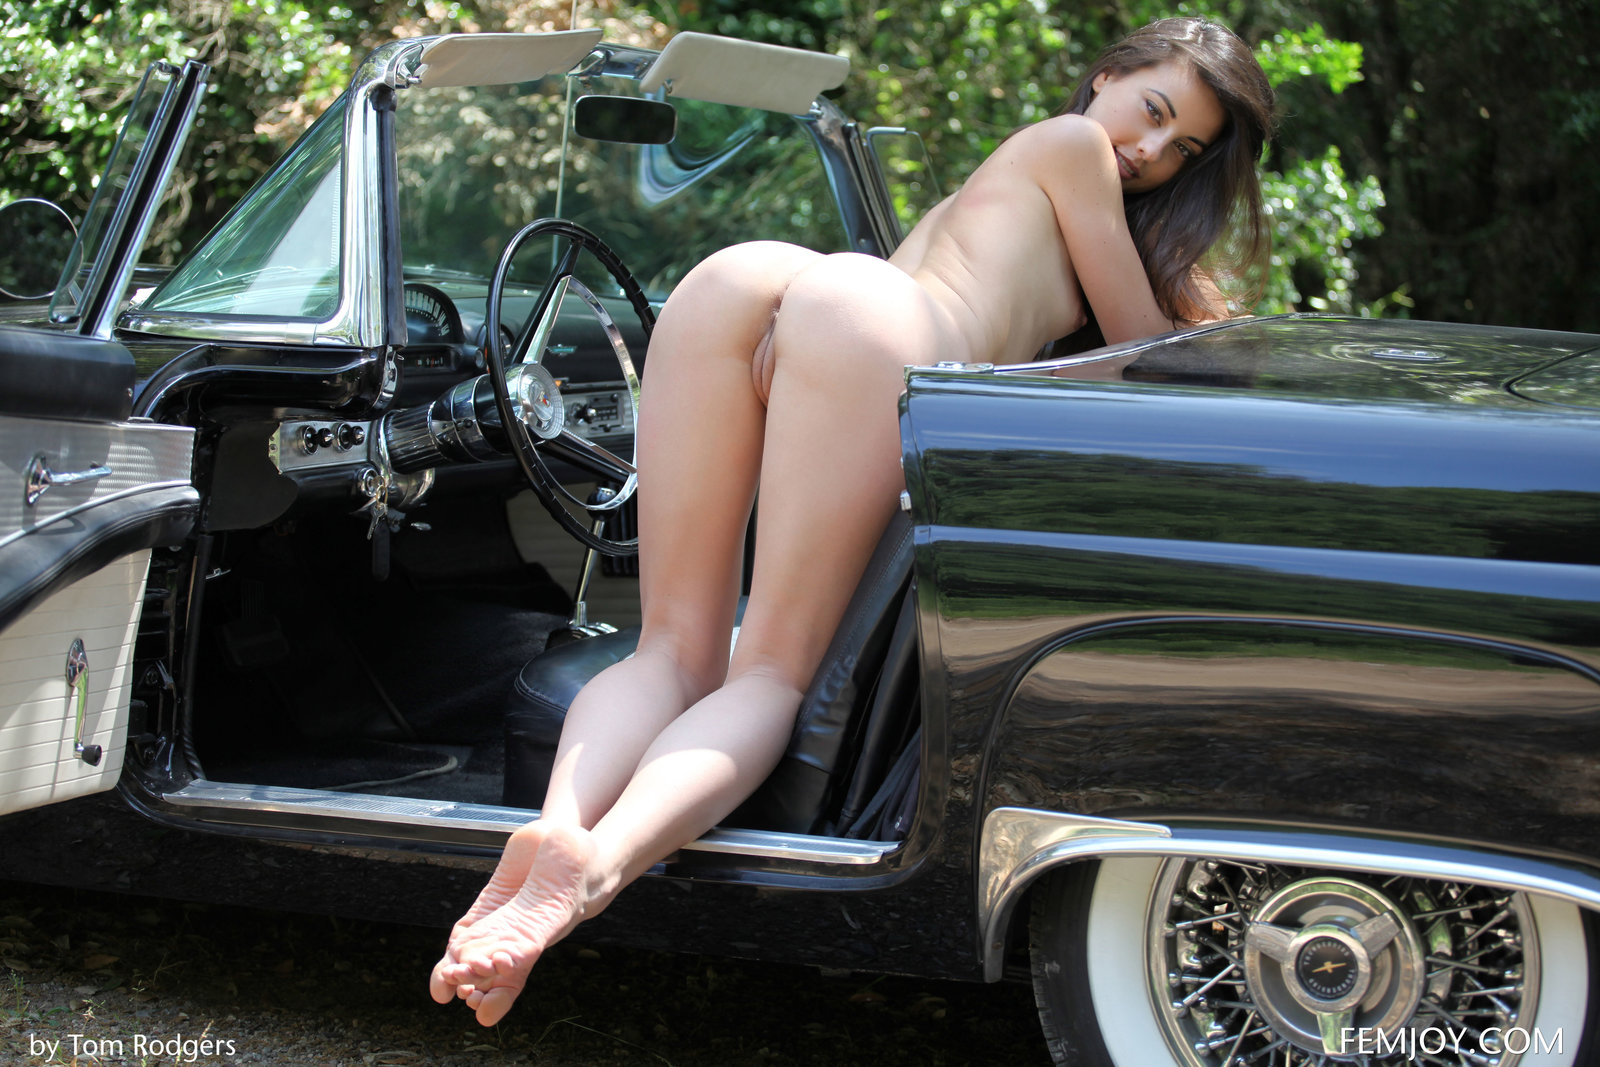 Zdjęcie porno - 1025 - Wypina swą dupcię przy furze